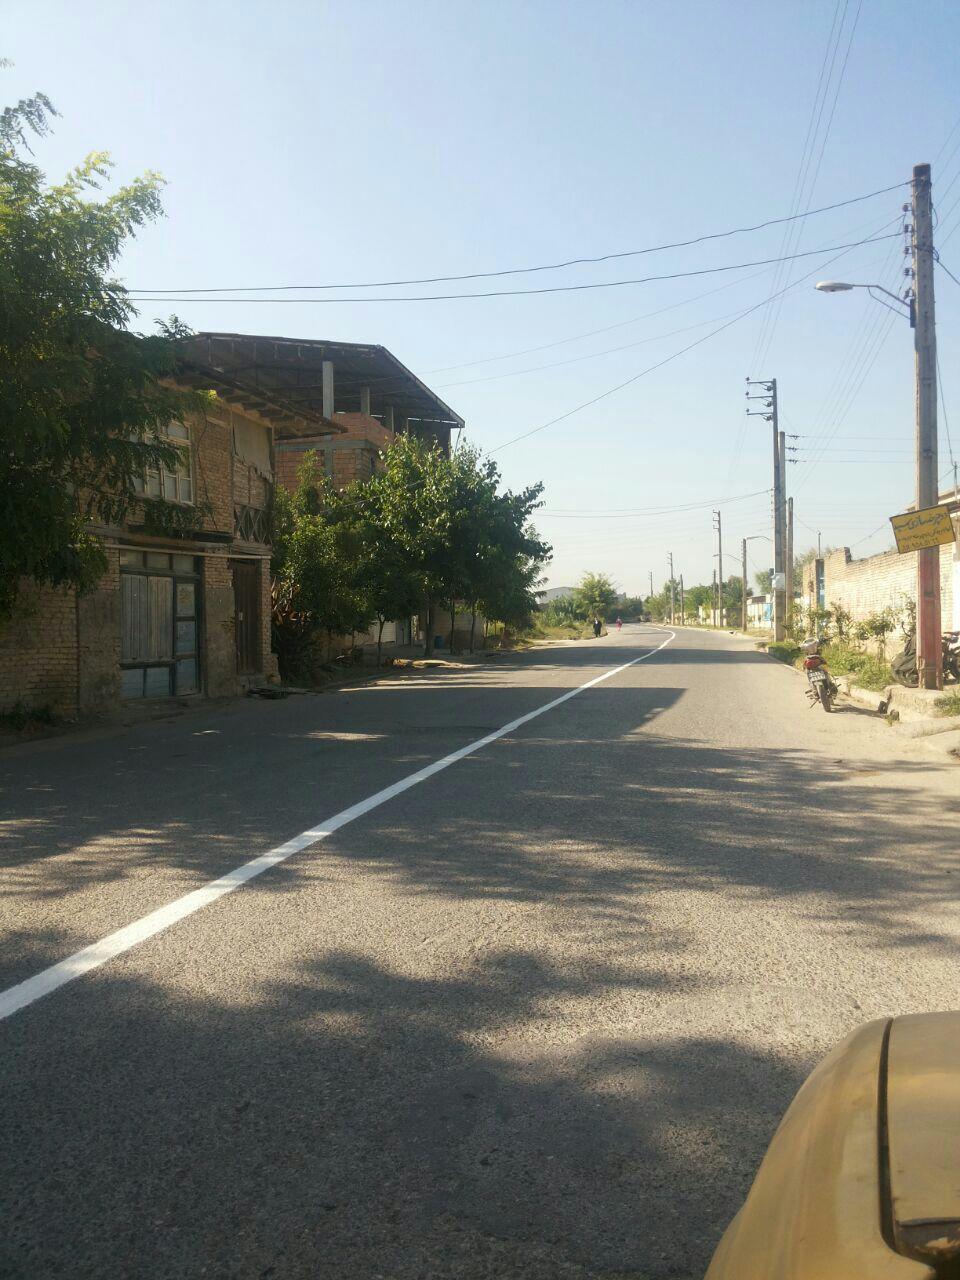 خط کشی خیابان های زاغمرز